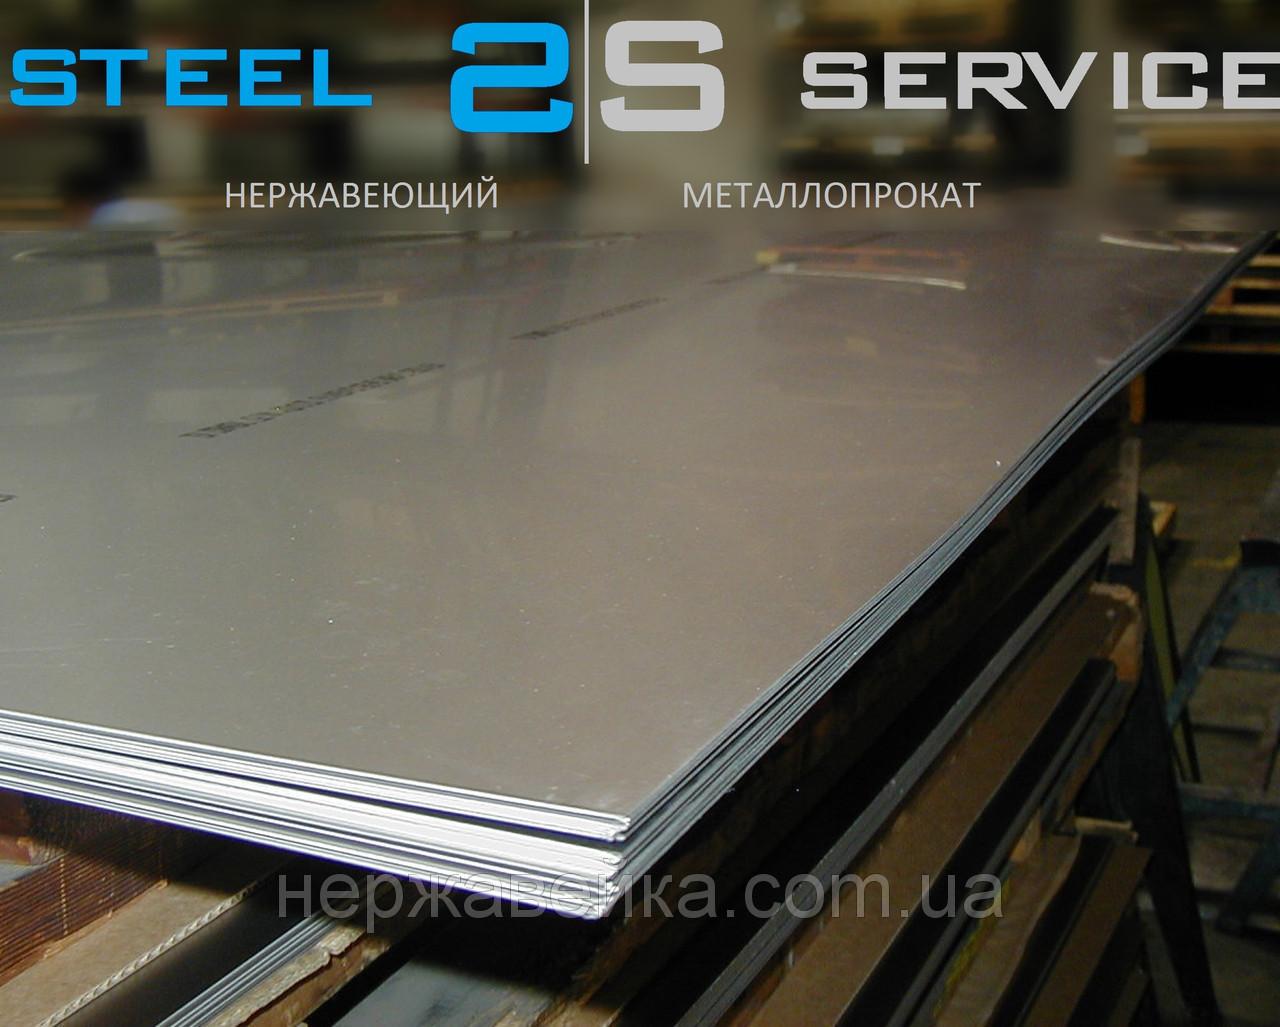 Нержавейка лист 0,5х1000х2000мм AISI 316Ti(10Х17Н13М2Т) 4N - шлифованный,  кислотостойкий